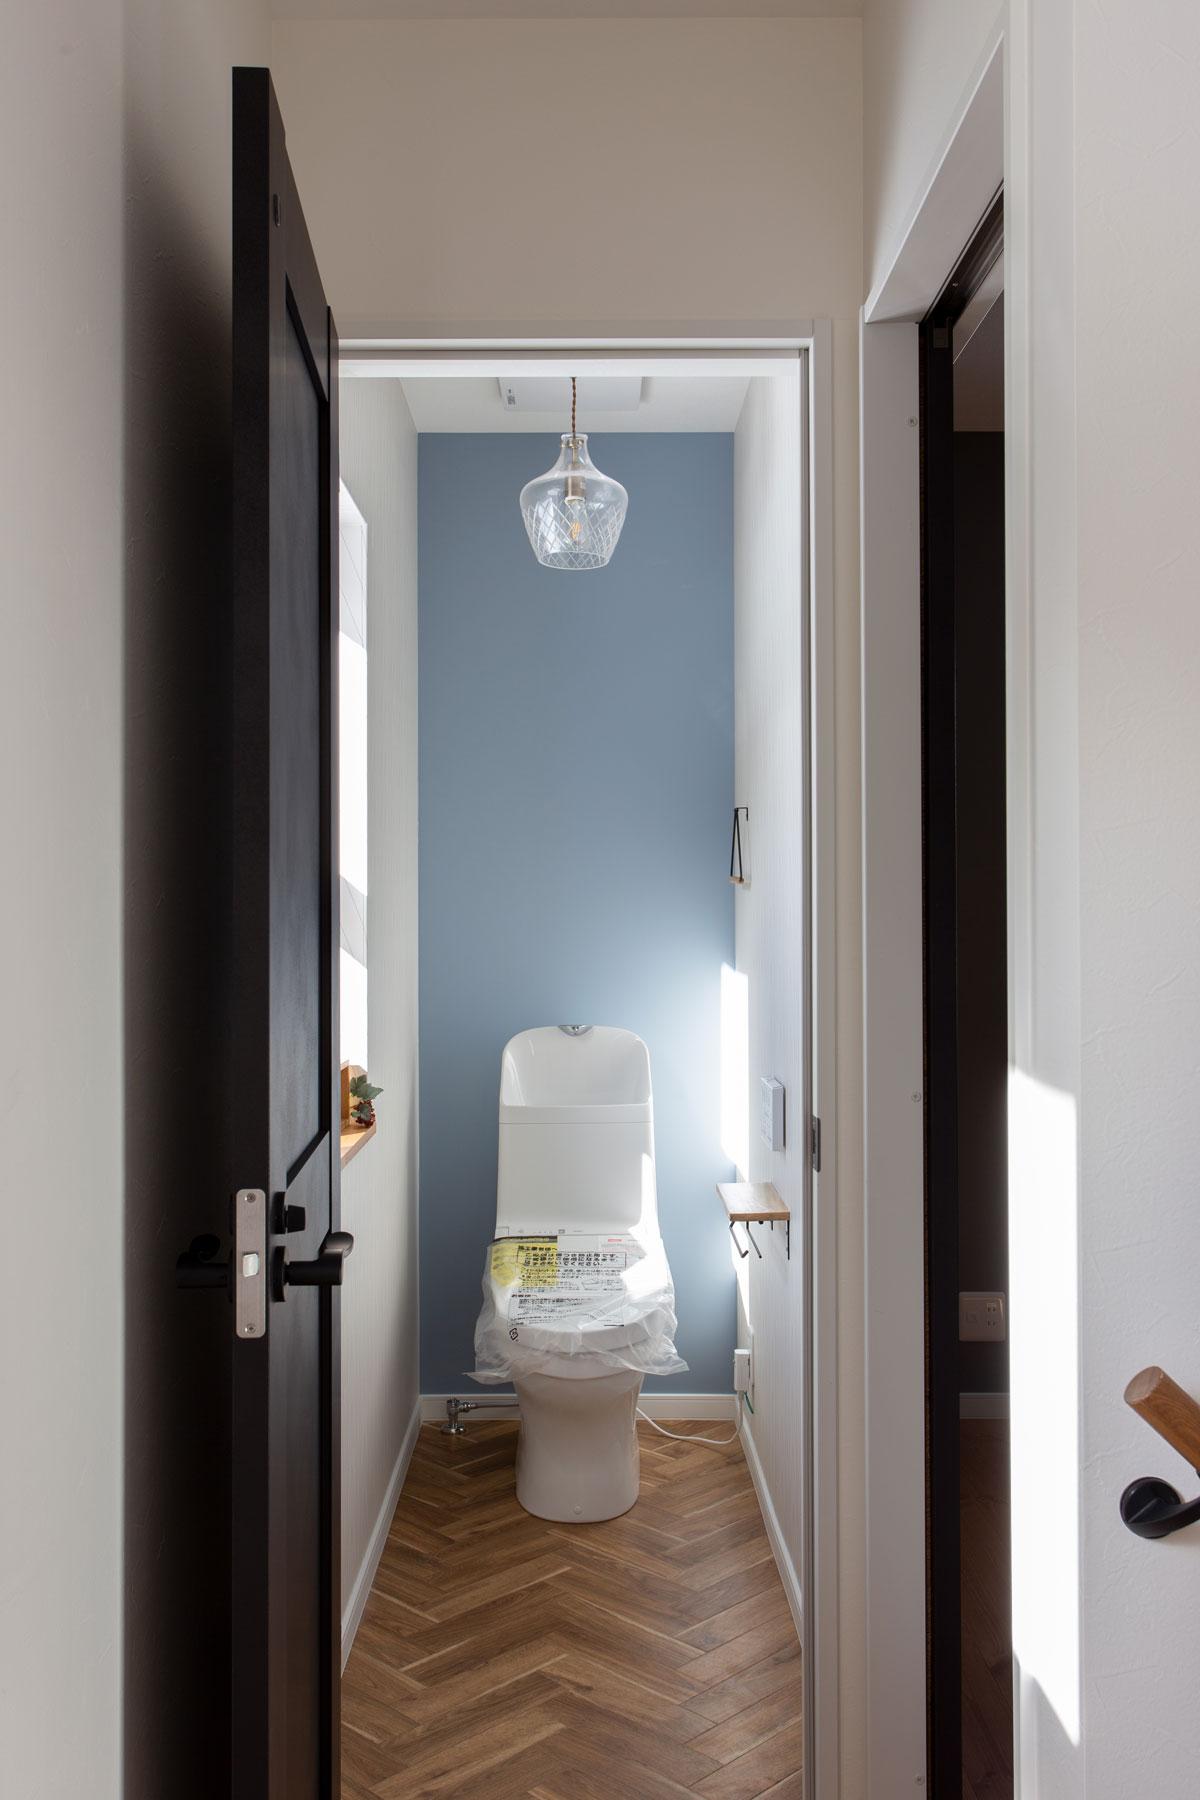 ブルーの壁紙をアクセントにしたかわいいトイレ